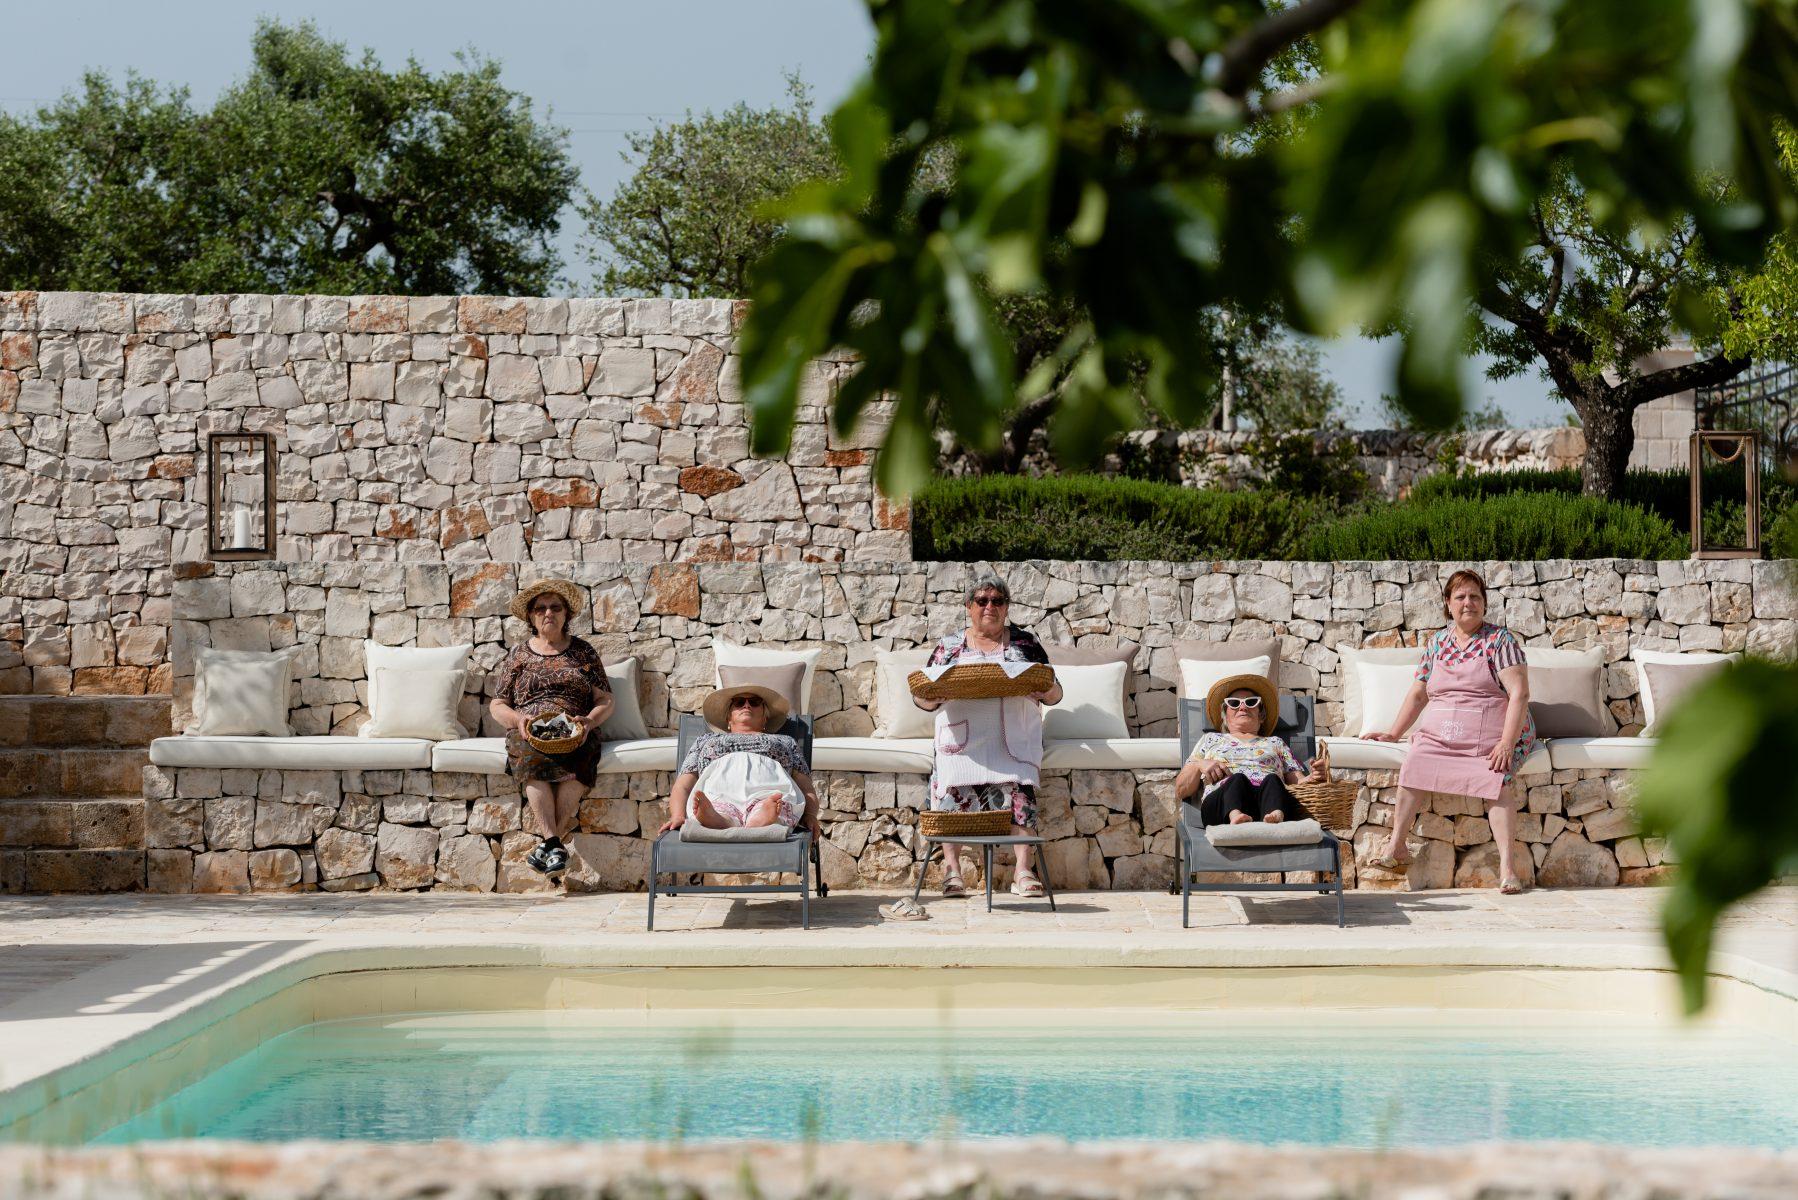 image 9 - outdoor - Dimora dei Gelsi Alberobello Puglia